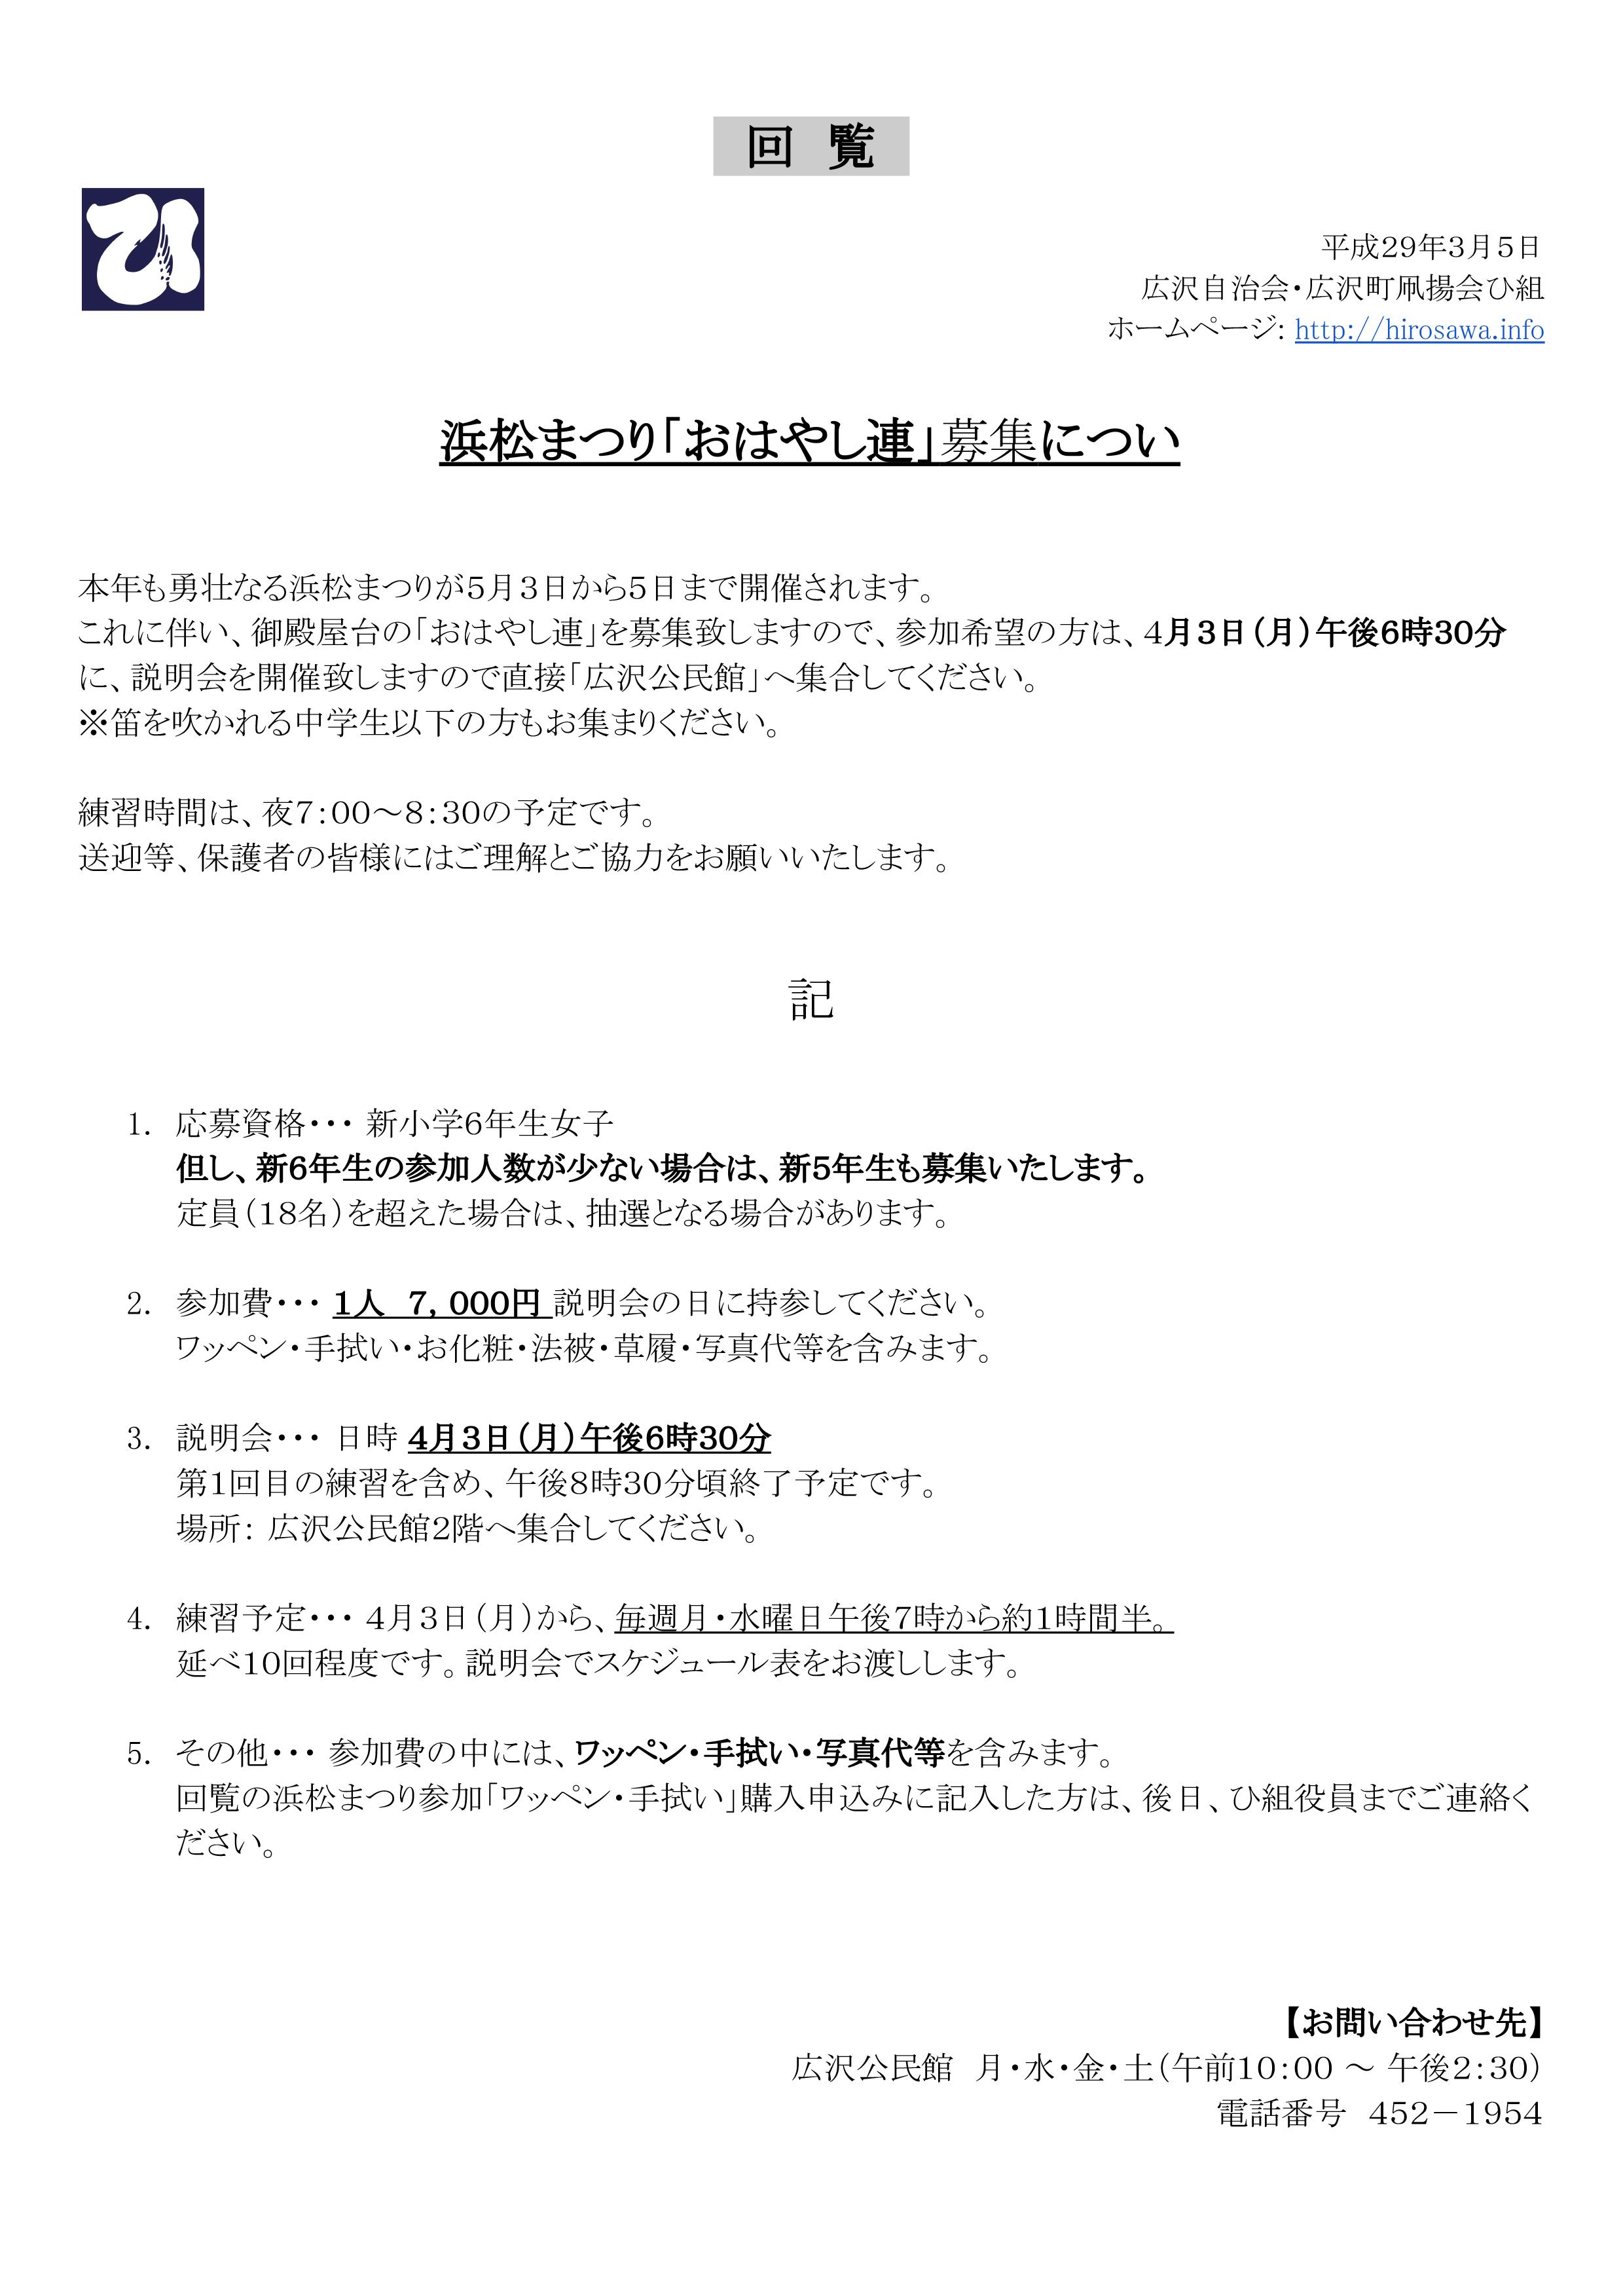 平成29年度 浜松まつり「おはやし連」募集・笛を吹かれる中学生以下の方へのご案内